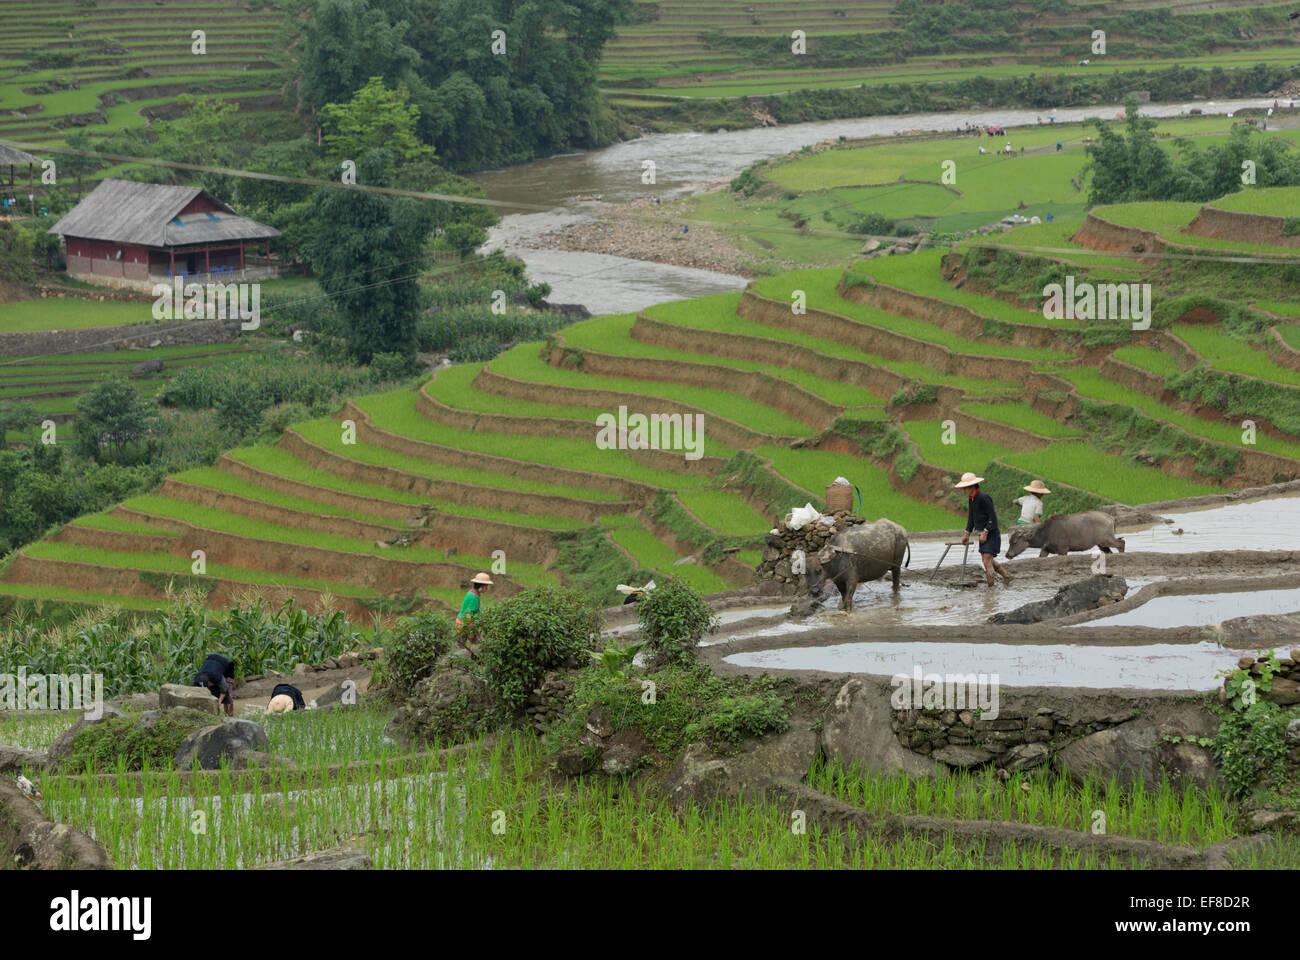 Los agricultores la plantación de arroz en terrazas con arado de búfalos de agua. Cerca Hau Thao village, Sa Pa Foto de stock